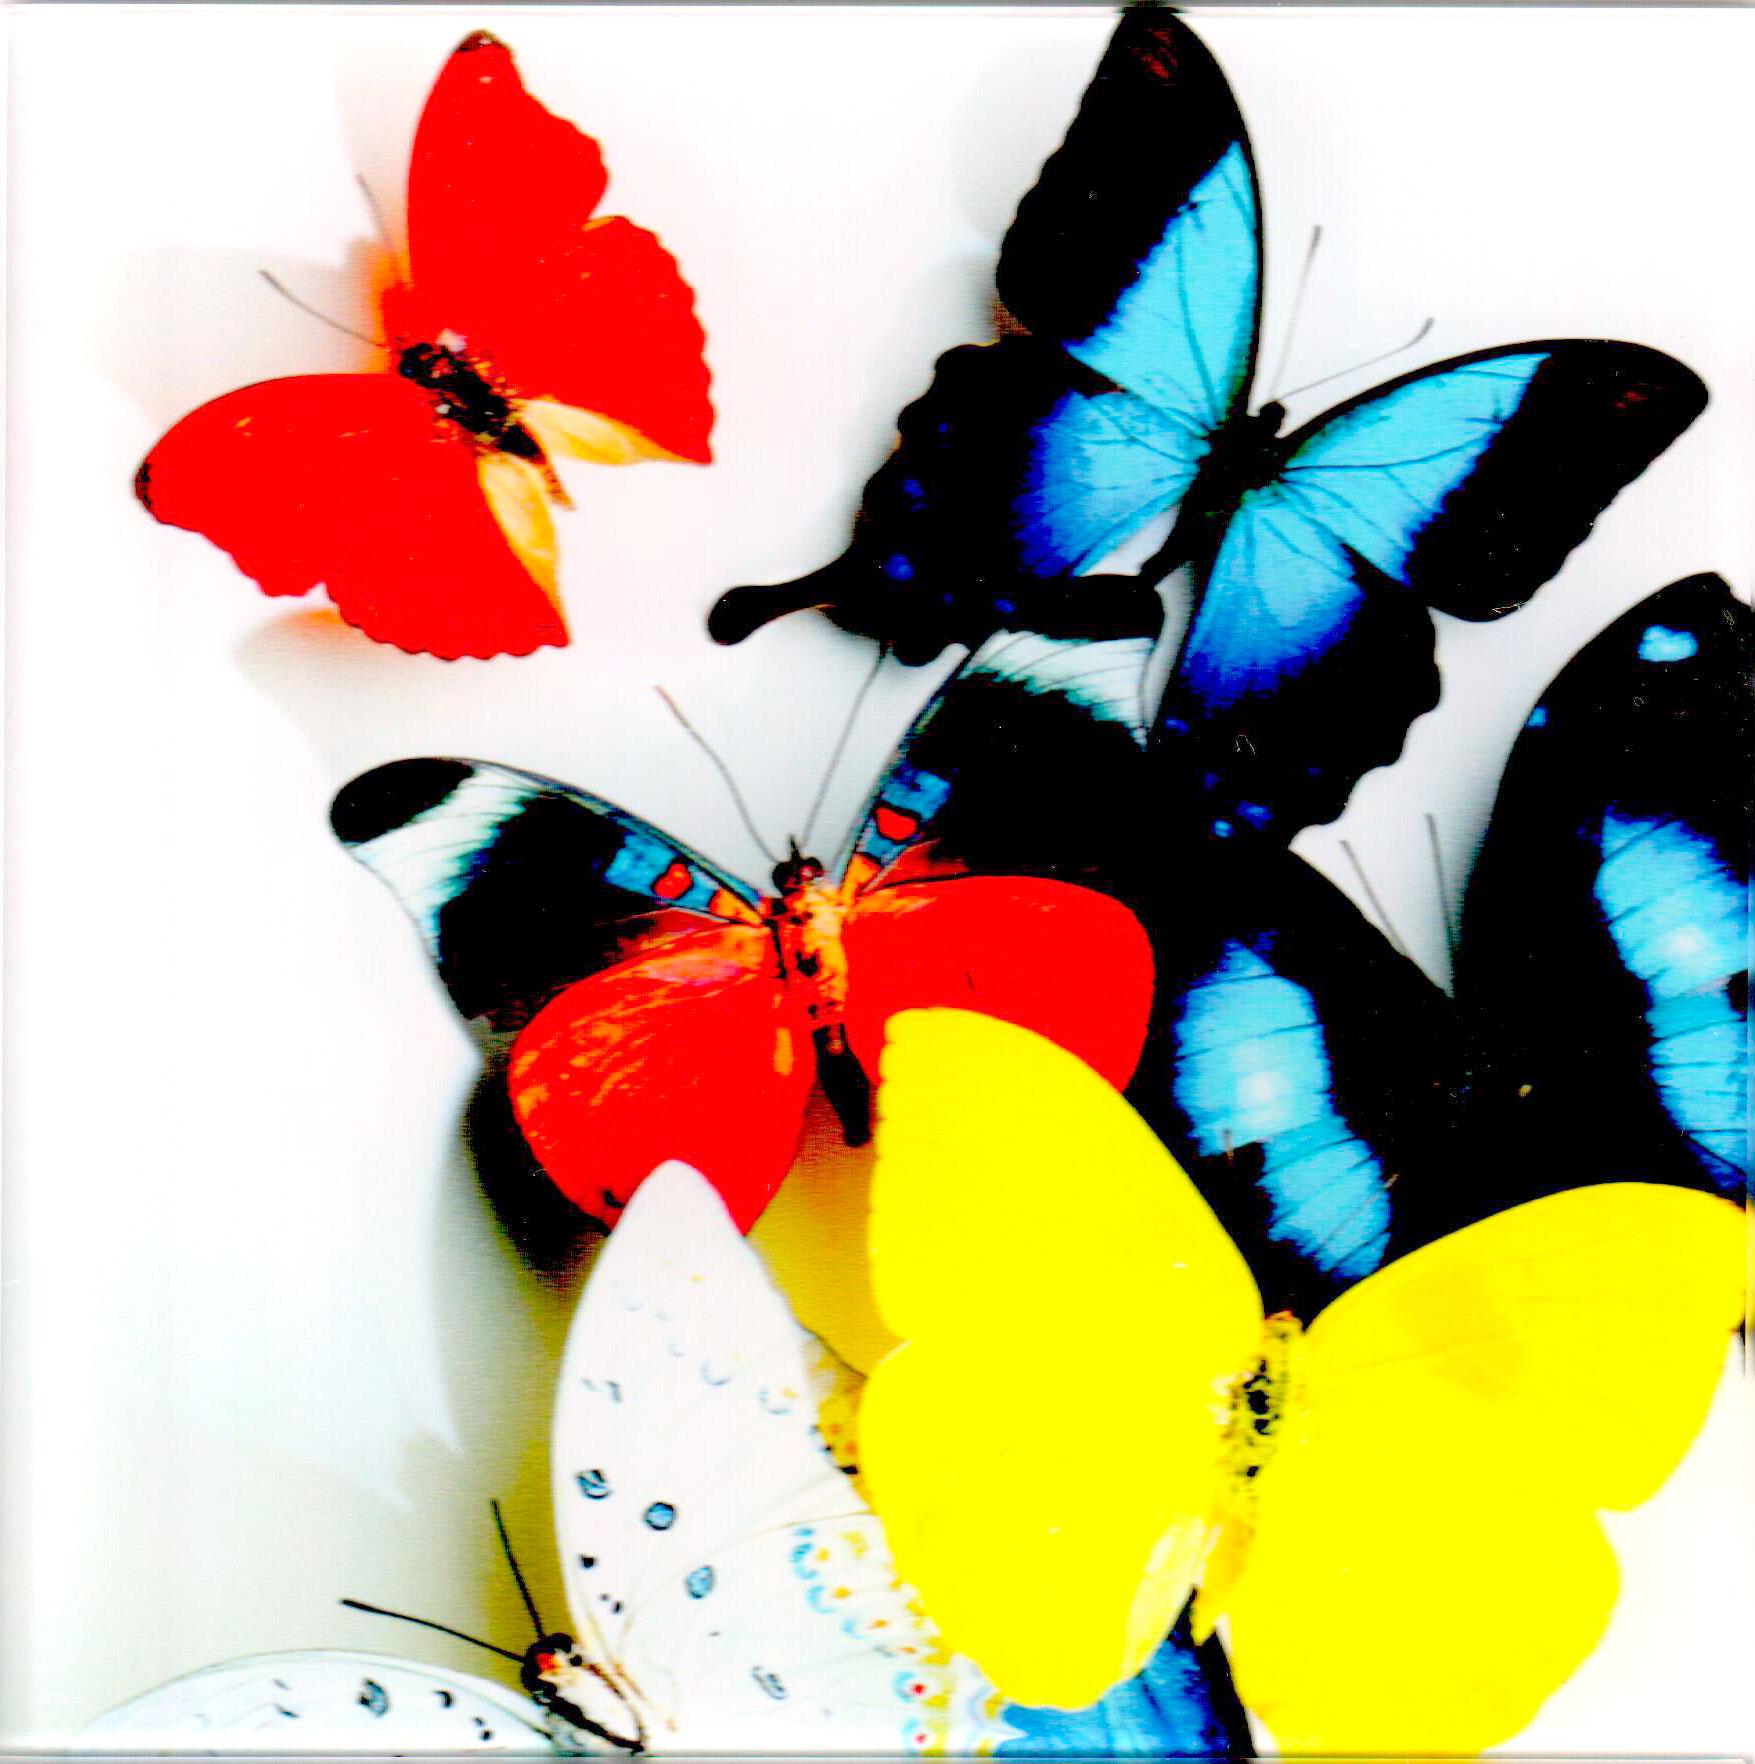 Цветная печать на стекле